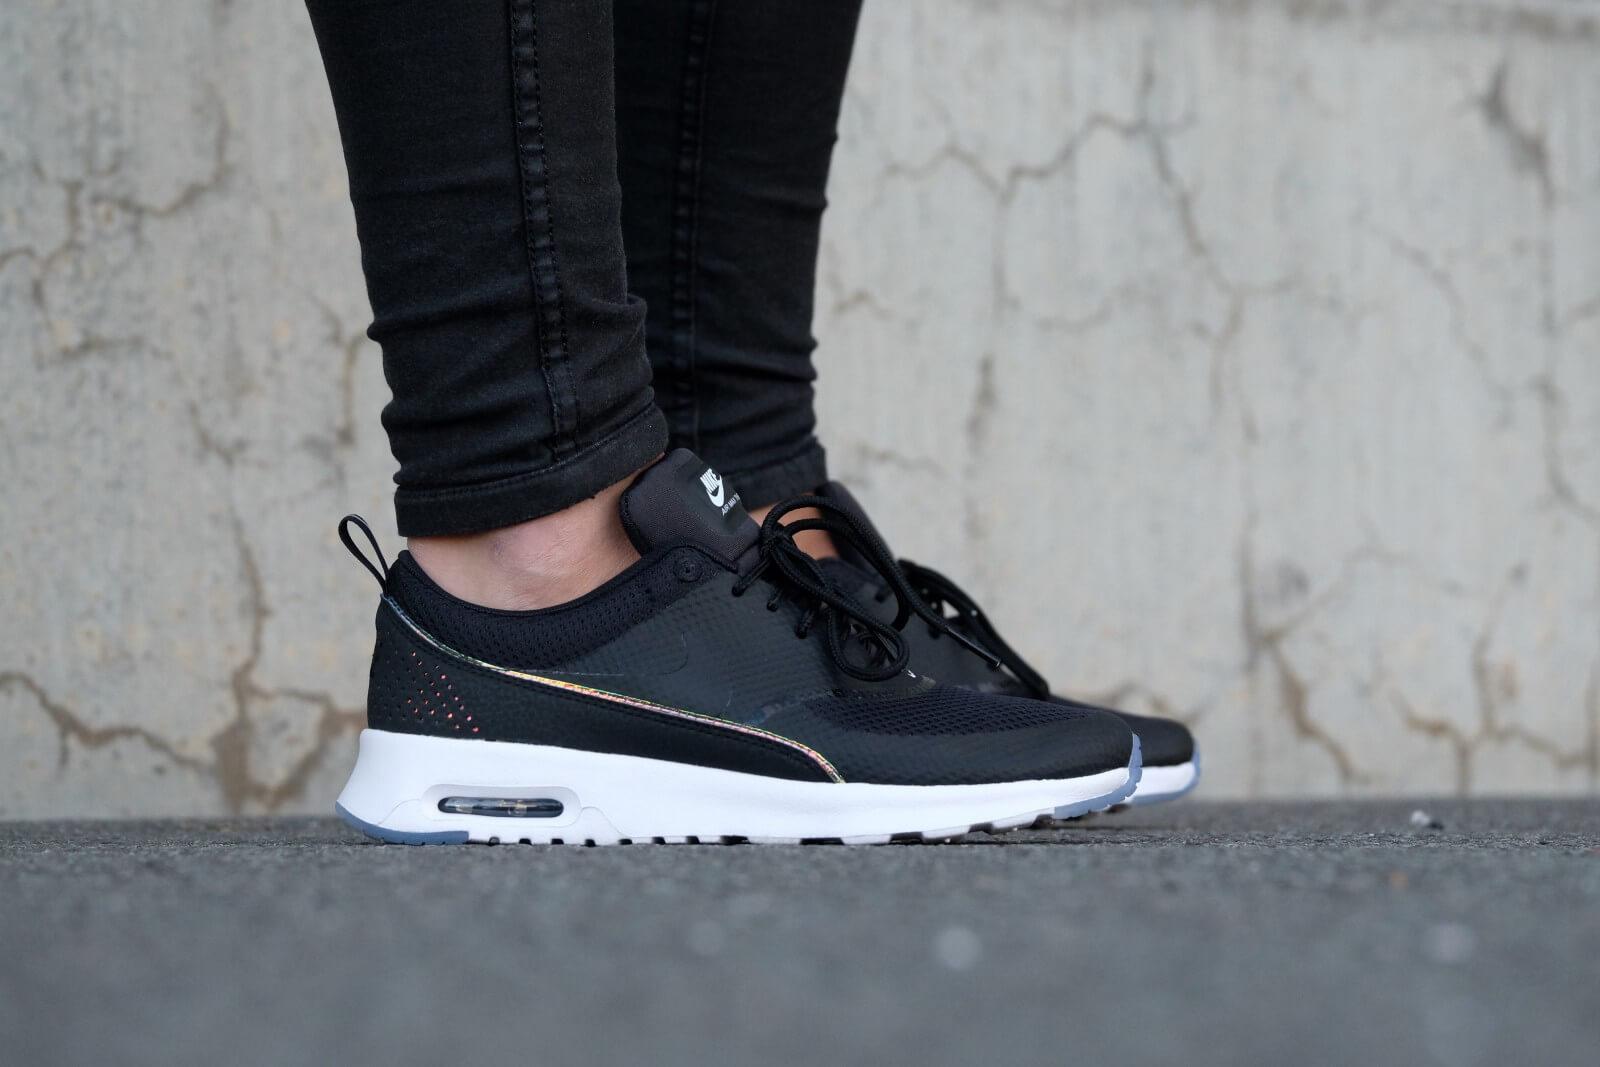 Nike WMNS Air Max Thea Premium Black/ Black- Blue Tint